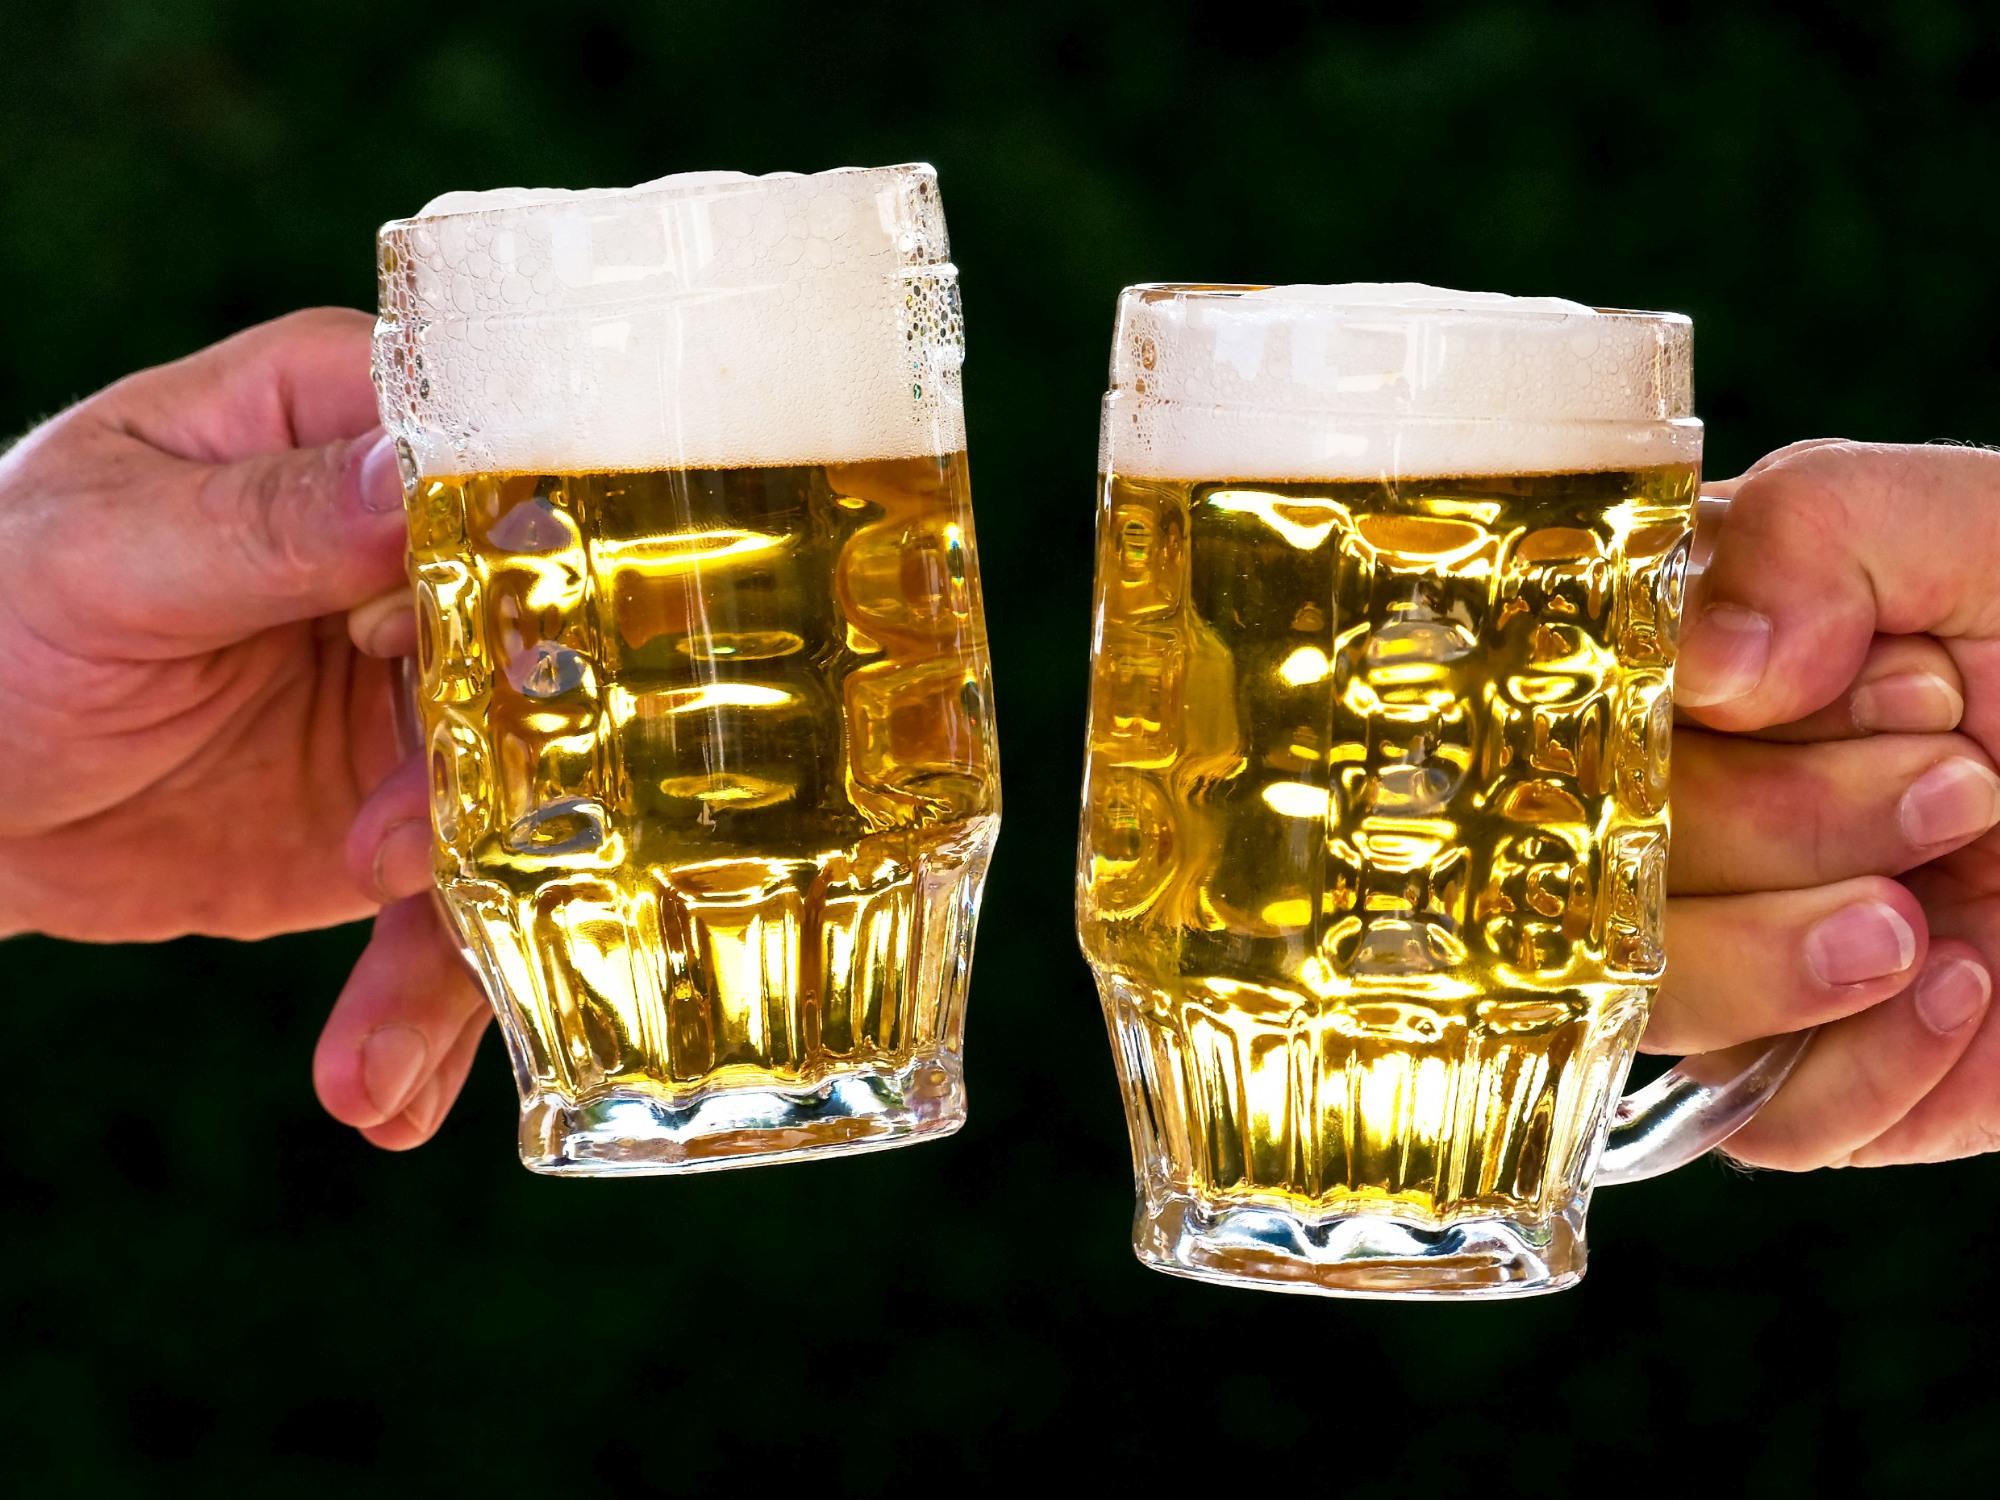 berea te face să pierzi în greutate